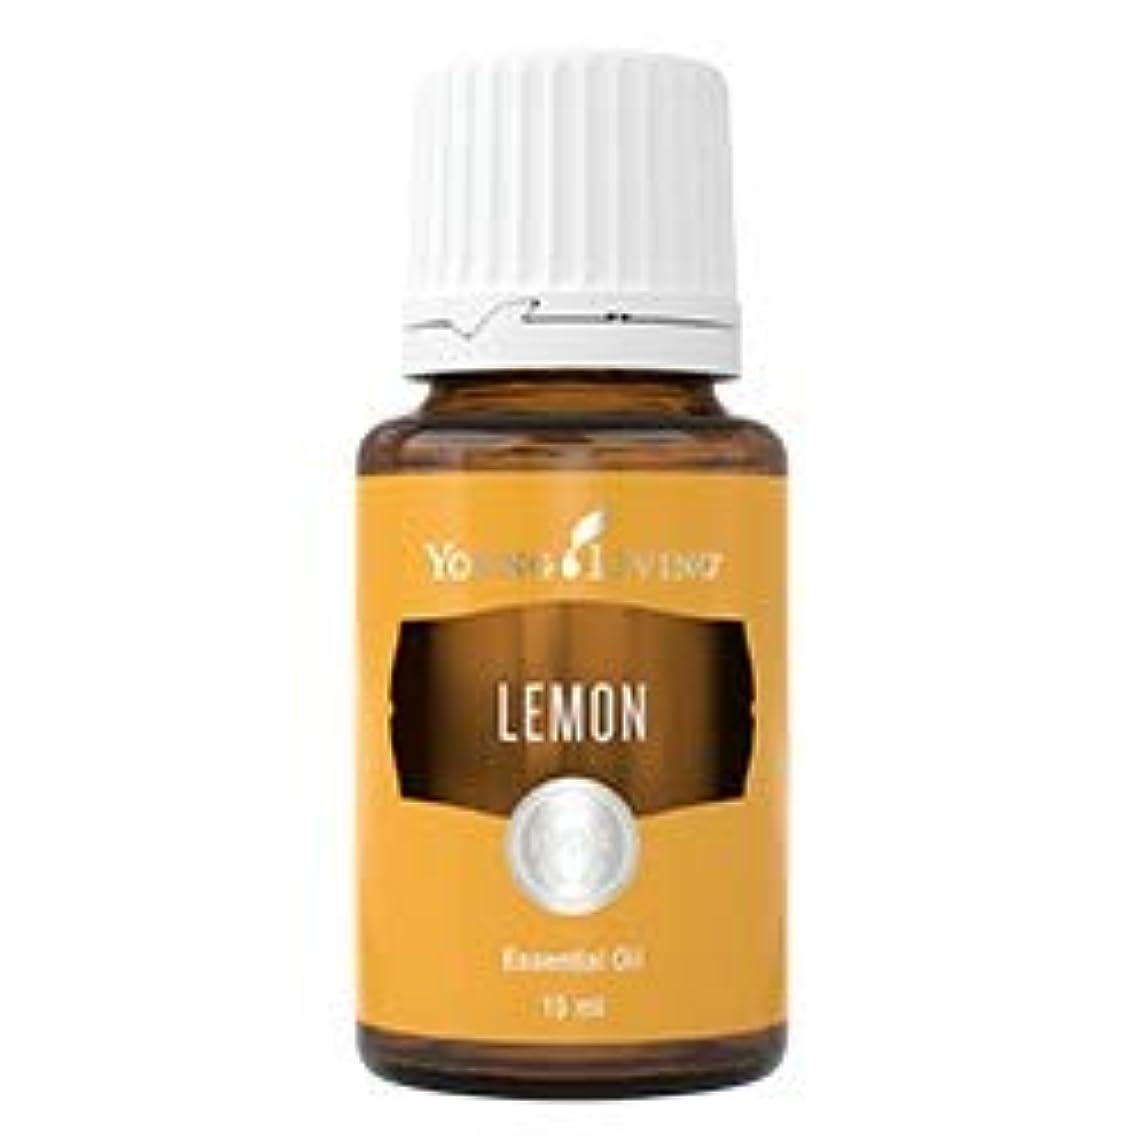 知らせる同意する芸術レモンエッセンシャルオイル15 ml byヤングリビングエッセンシャルオイルマレーシア Lemon Essential Oil 15 ml by Young Living Essential Oil Malaysia